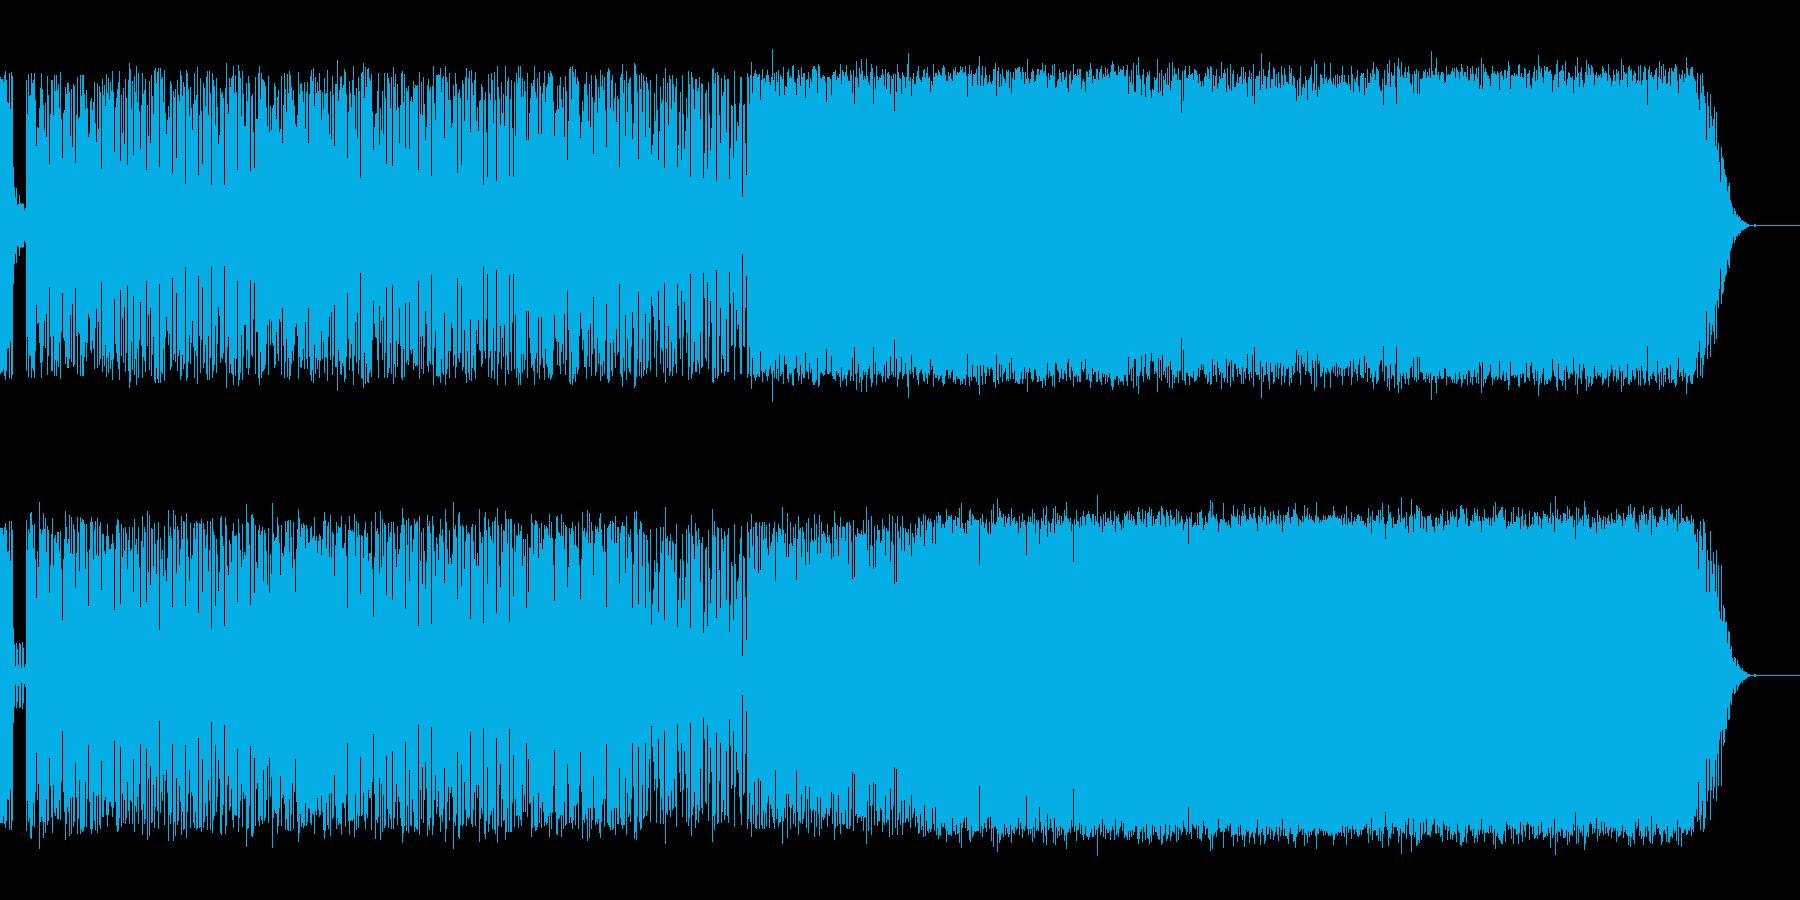 ボサ・ノヴァ/サンバ・ベースの無国籍な…の再生済みの波形